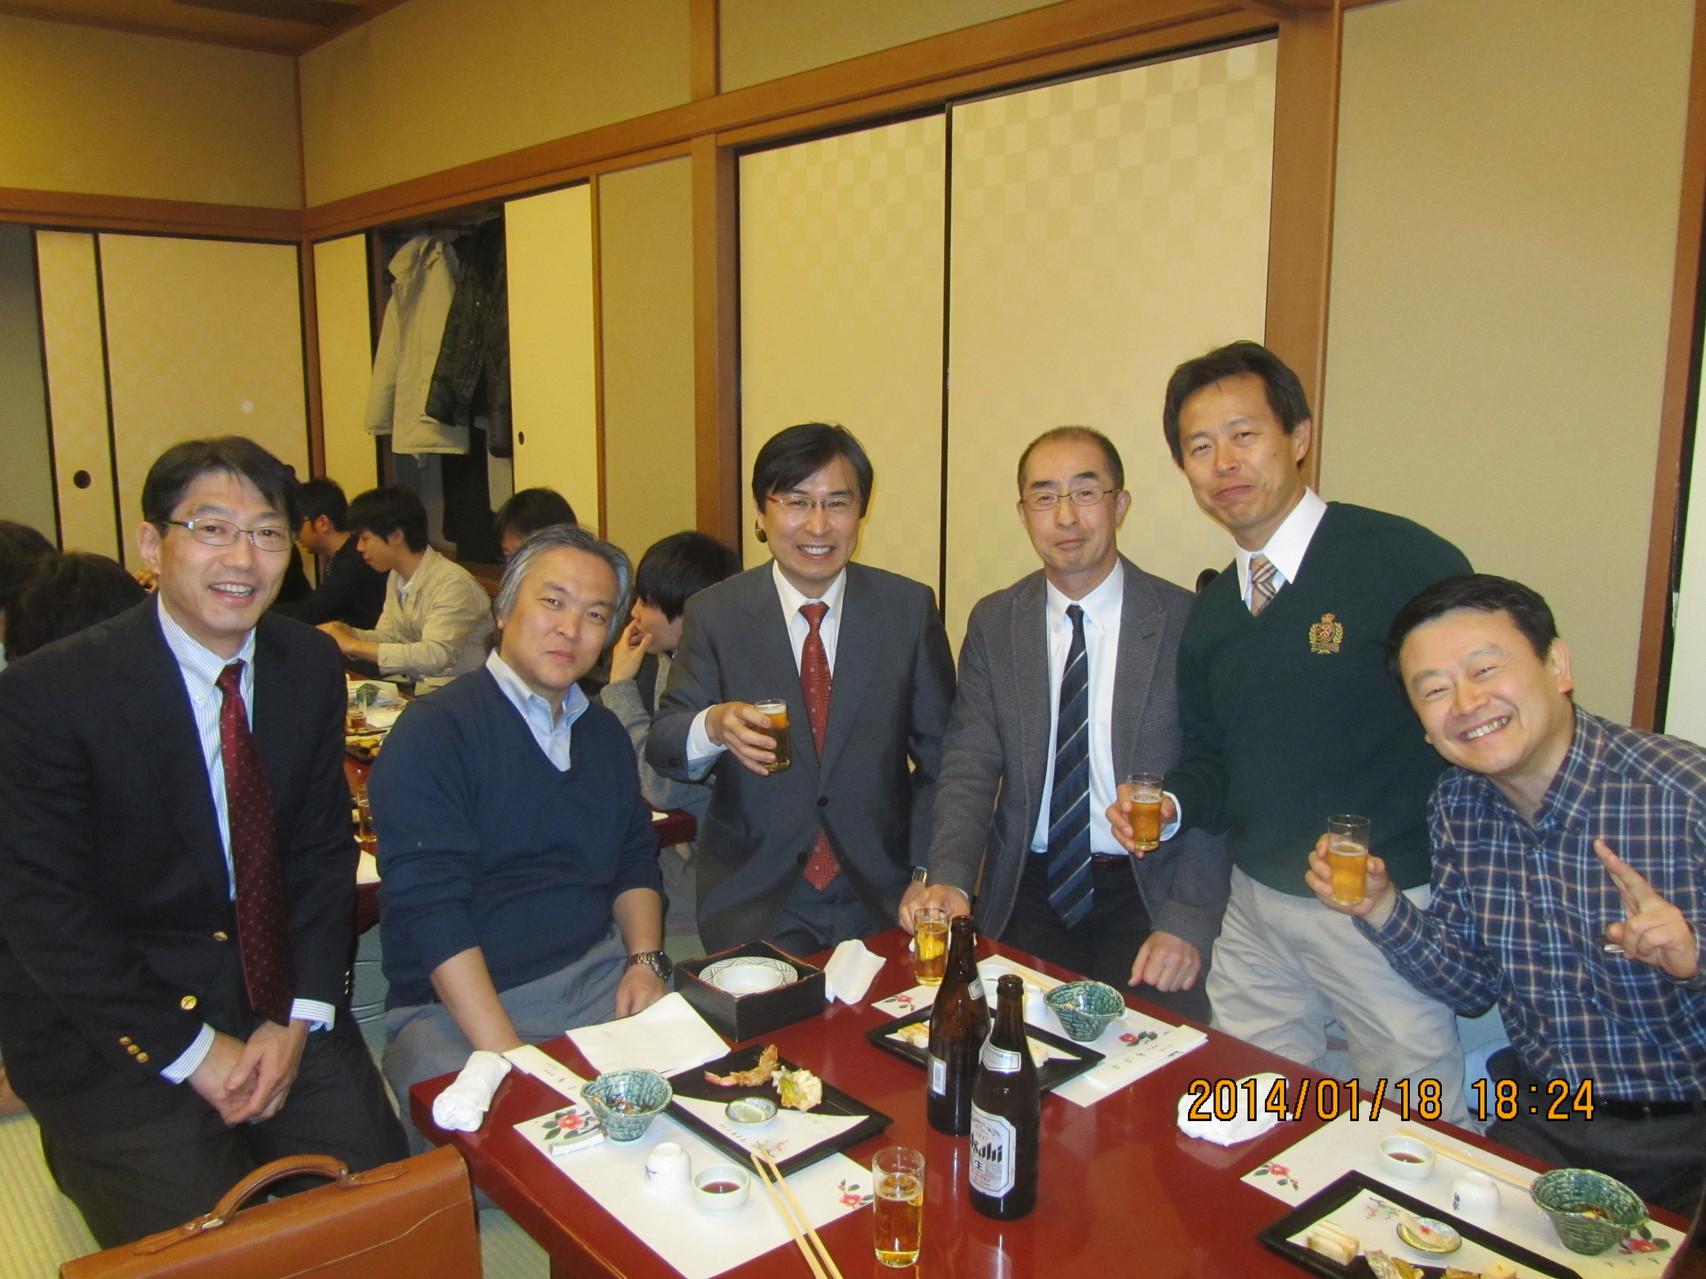 昨年より、田邊 稔教授(中央の背広を着た髪のある人)が着任し、肝・胆・膵領域では日本で3本の指に入る症例数を誇ります。